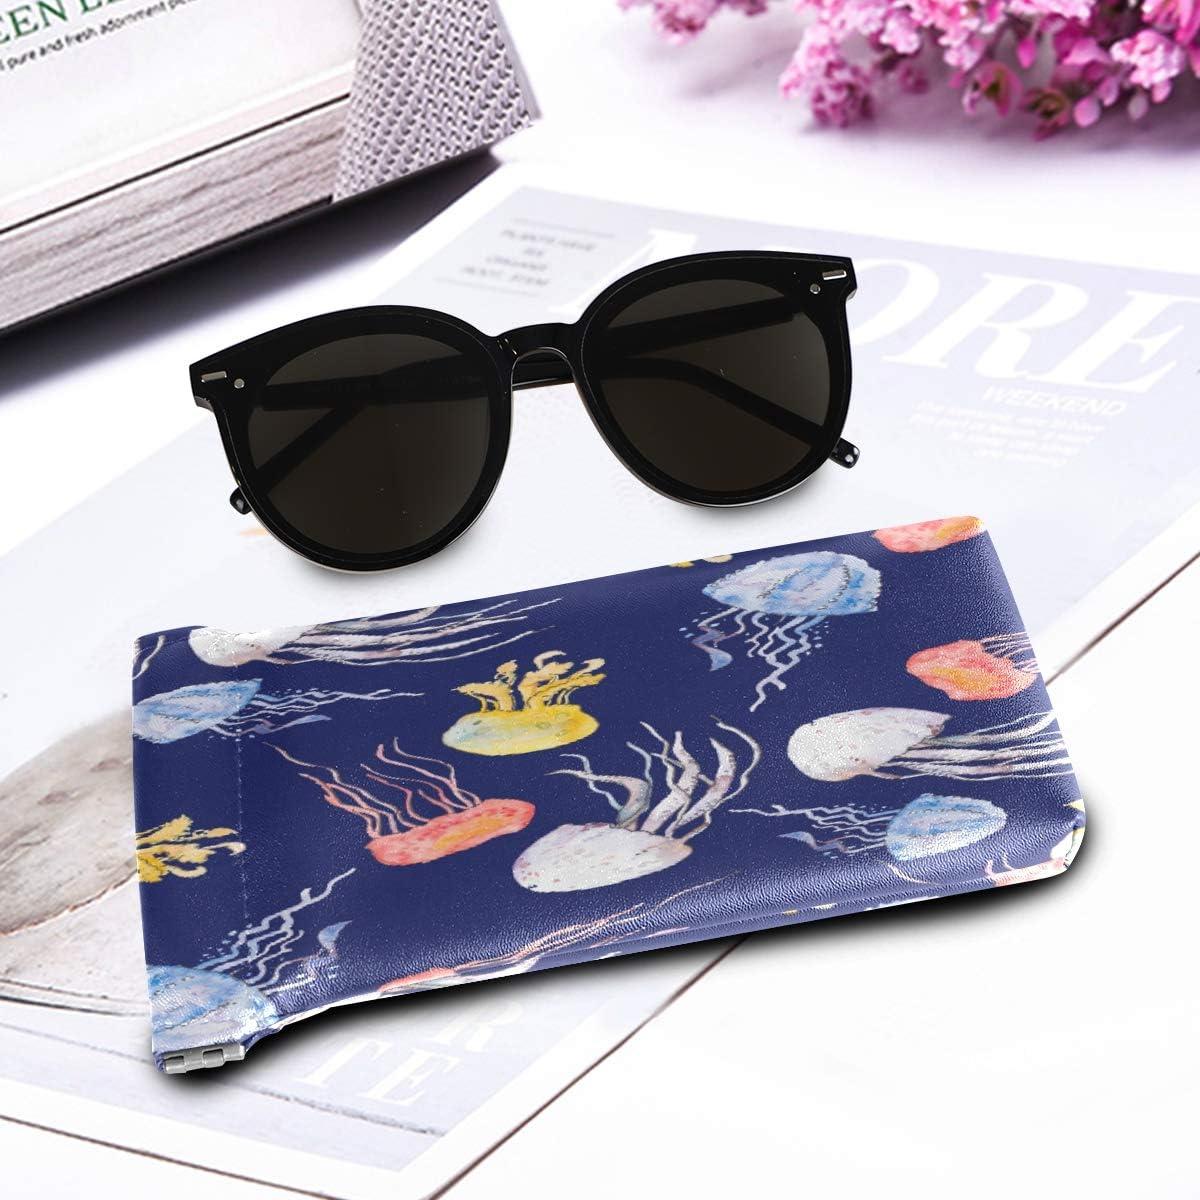 4 St/ücke Brillen Schnur Brille Cord Brillenkette Eyewear Strap mit Brillen Tasche und Brillentuch f/ür Brillen nuoshen Brillenb/änder Lesebrillen Sonnenbrillen